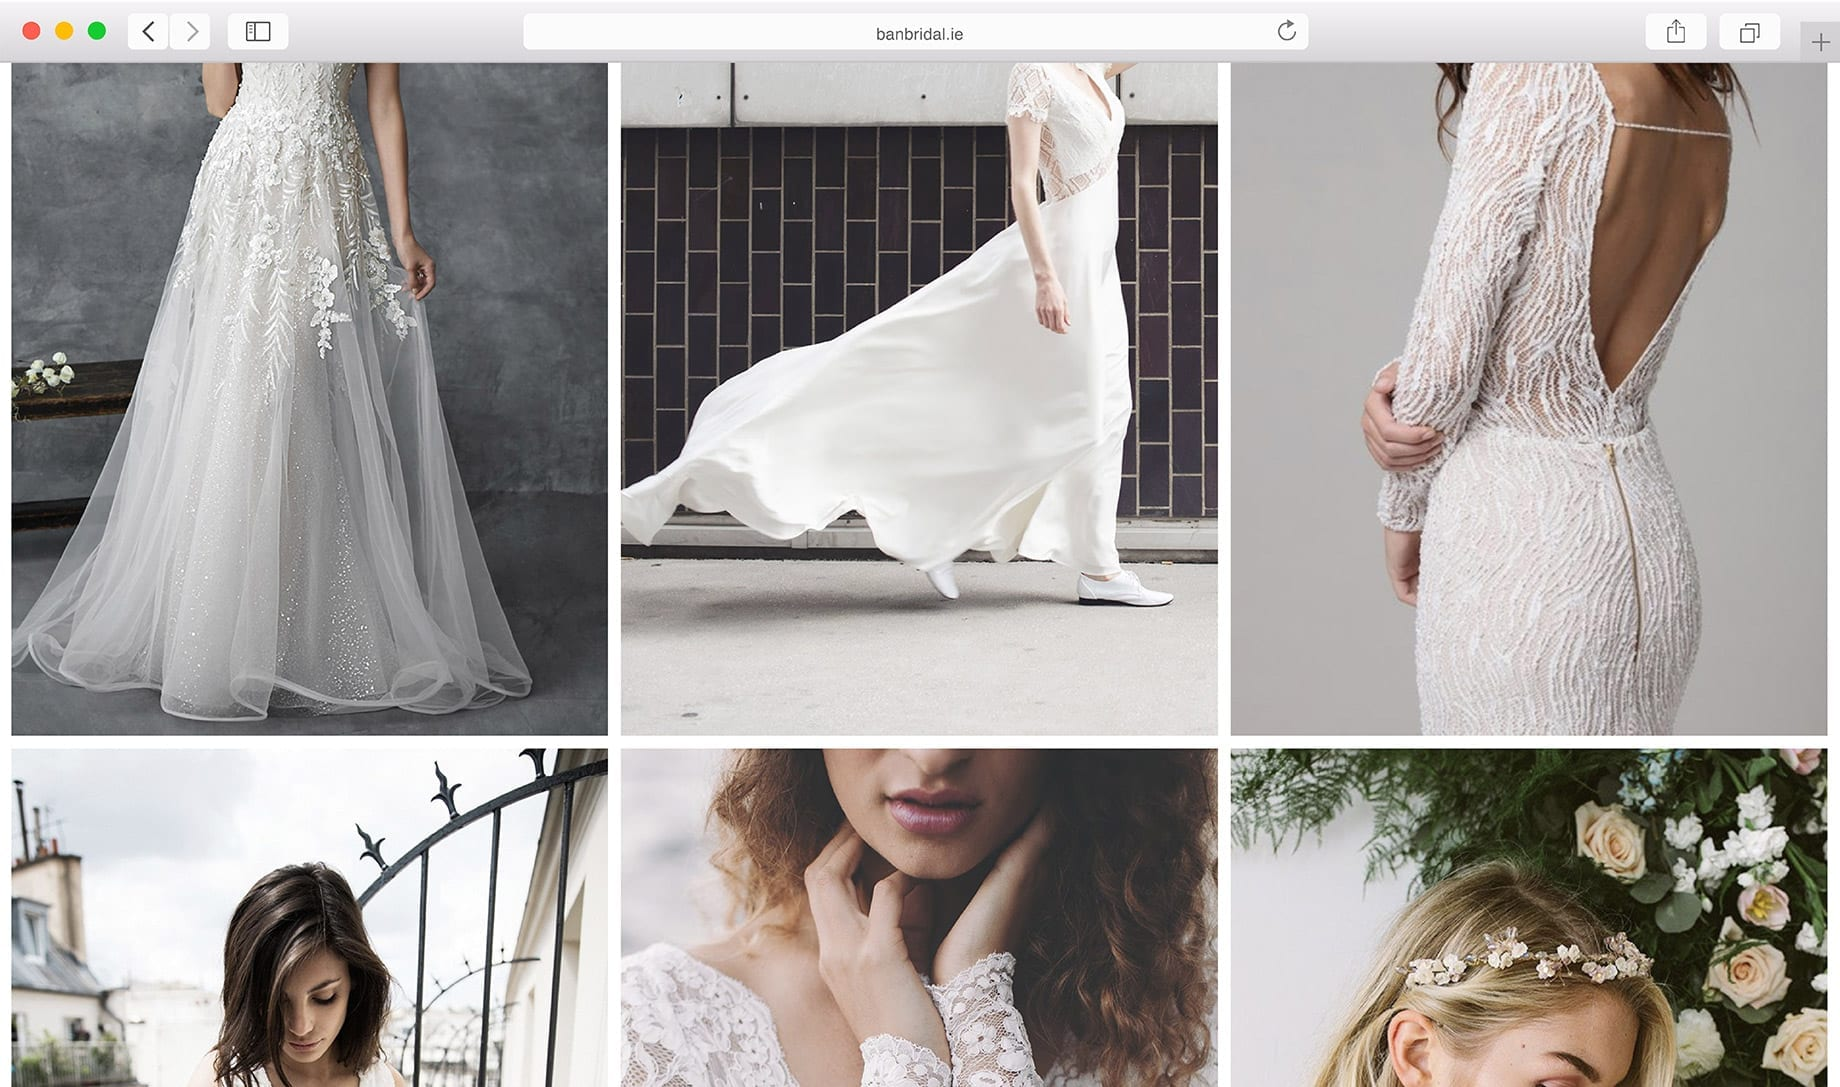 Ban Bridal Boutique